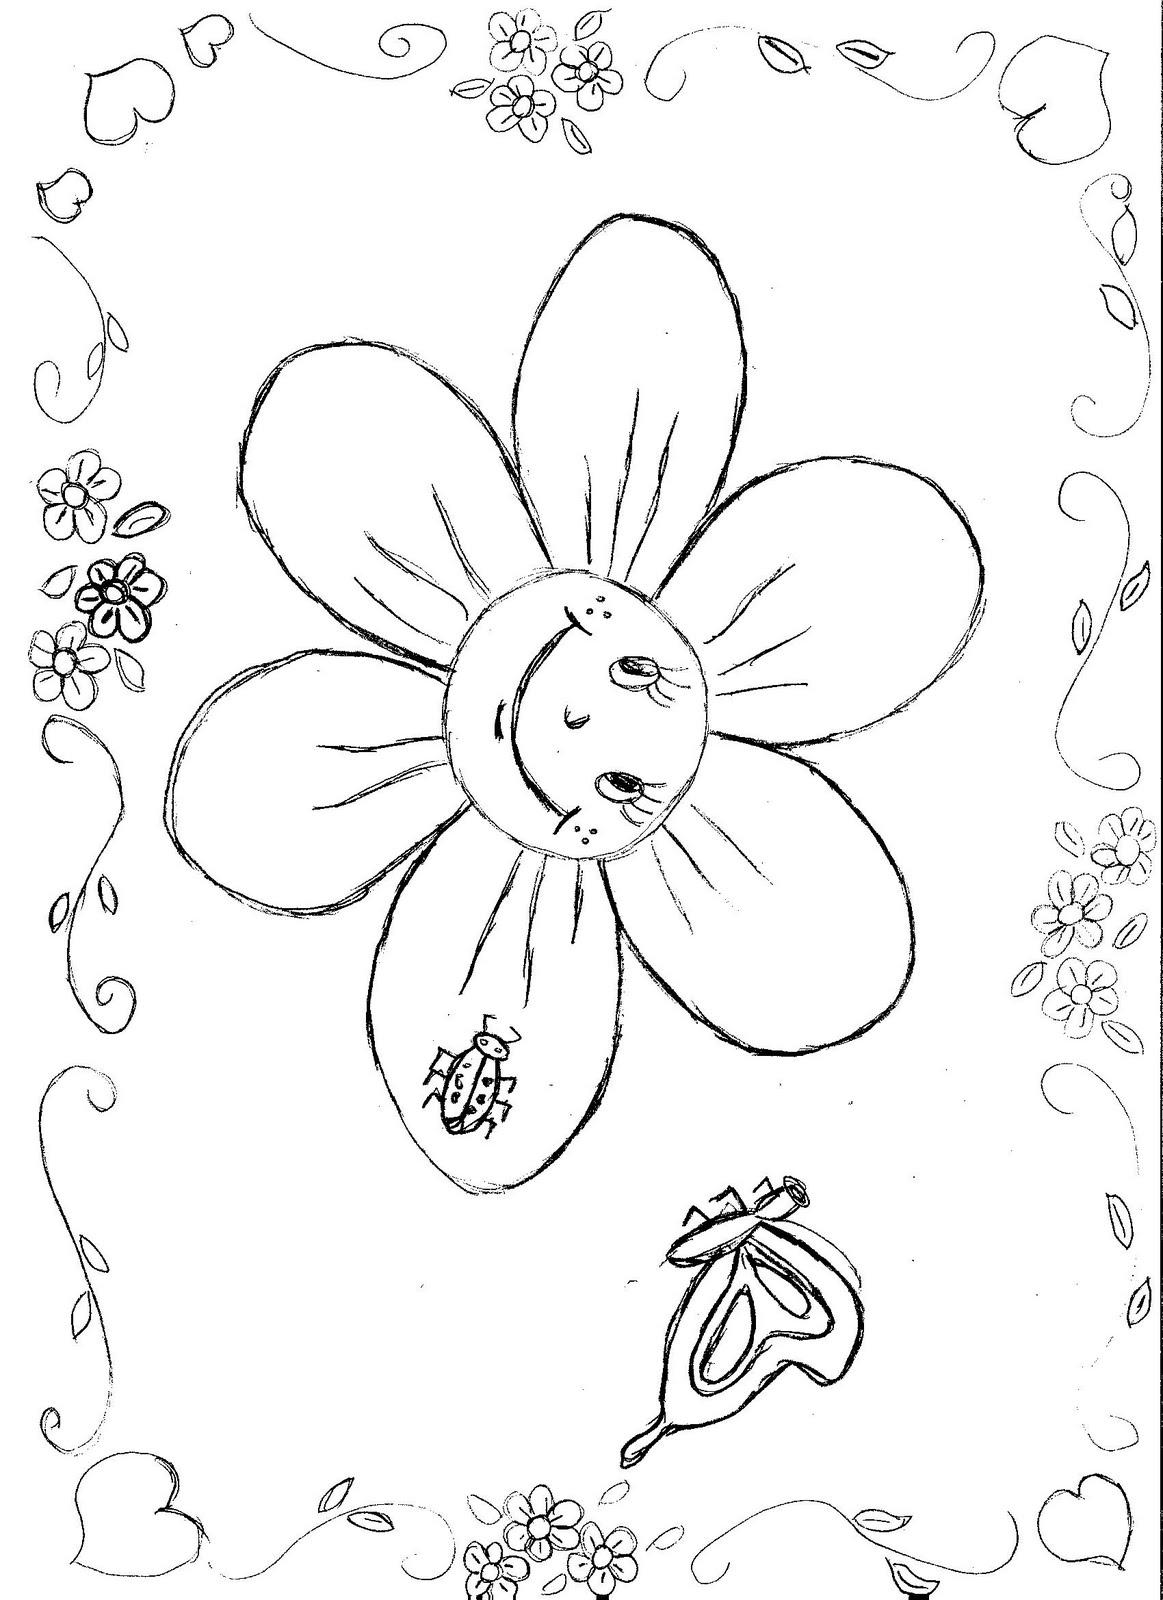 Estação Da Primavera Flores Passaros Borboletas Desenhos